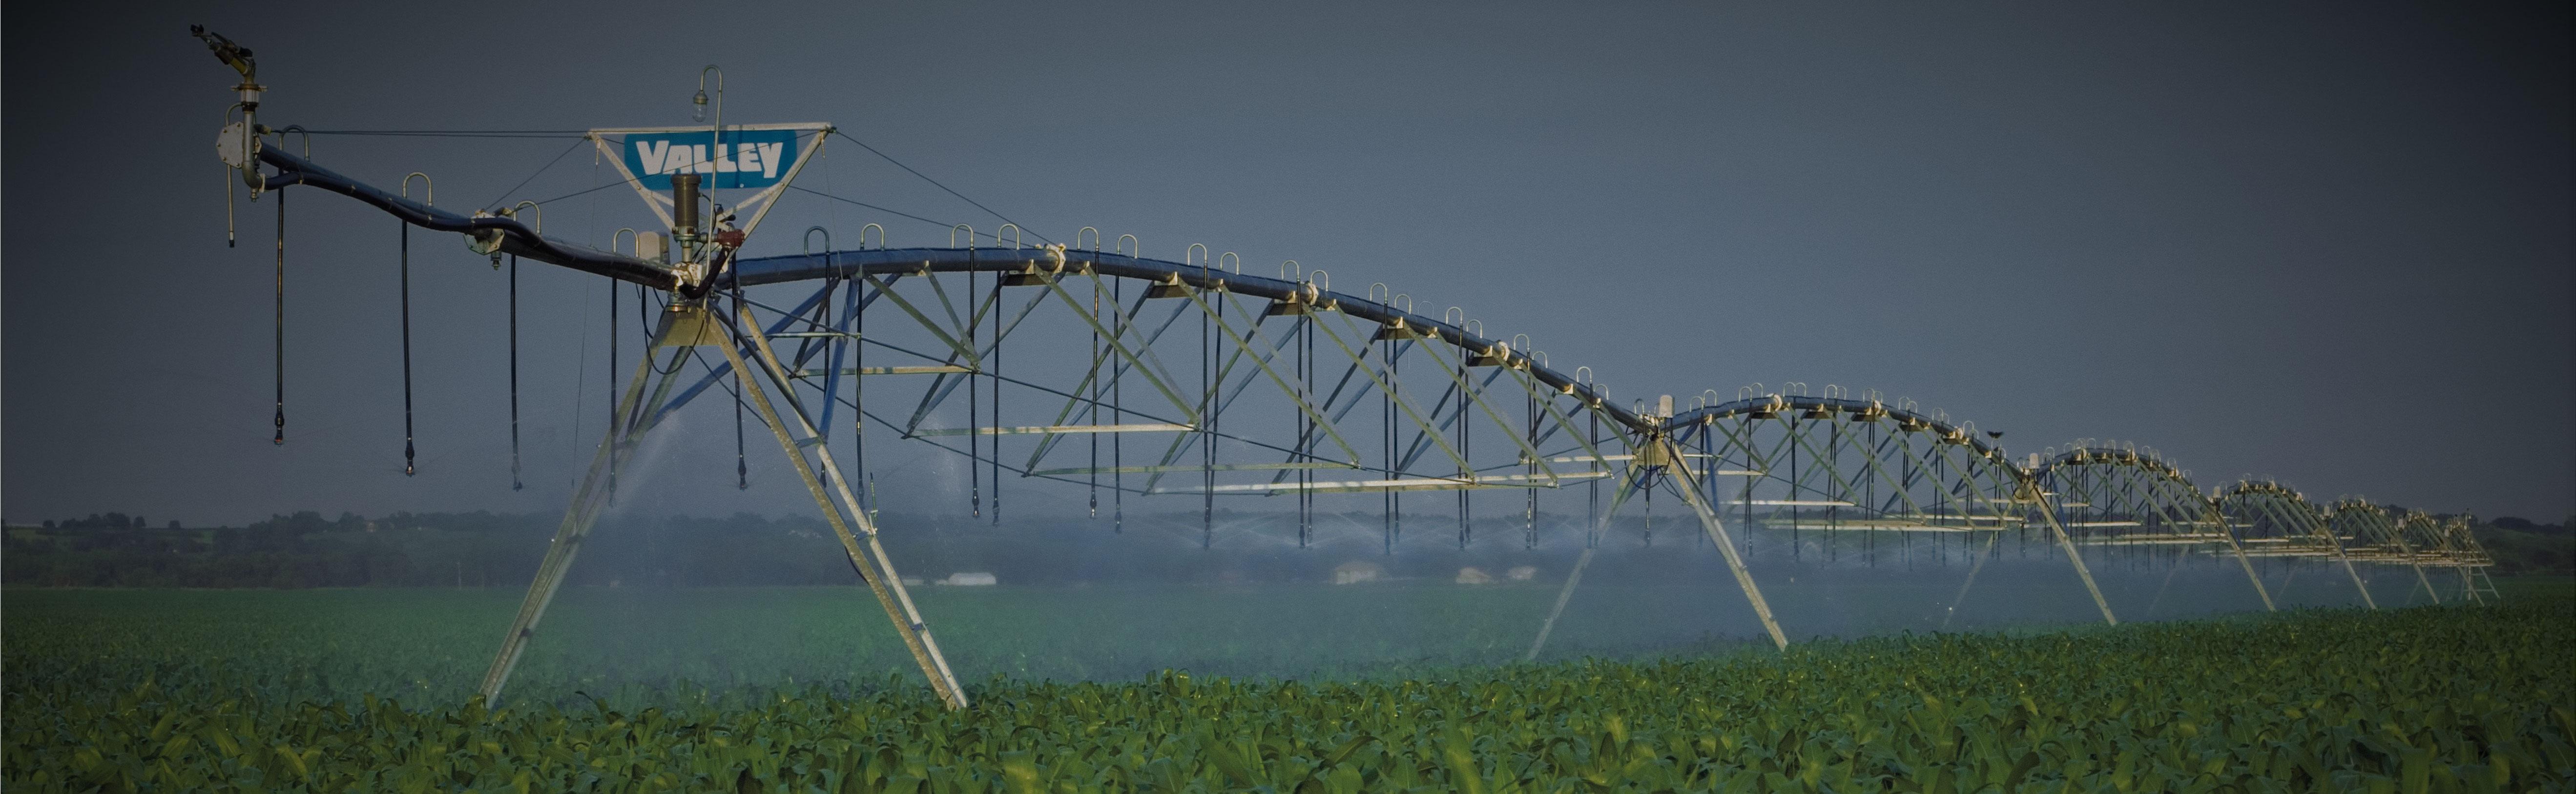 Hot-Dip Galvanized Valley Irrigation Machine 1